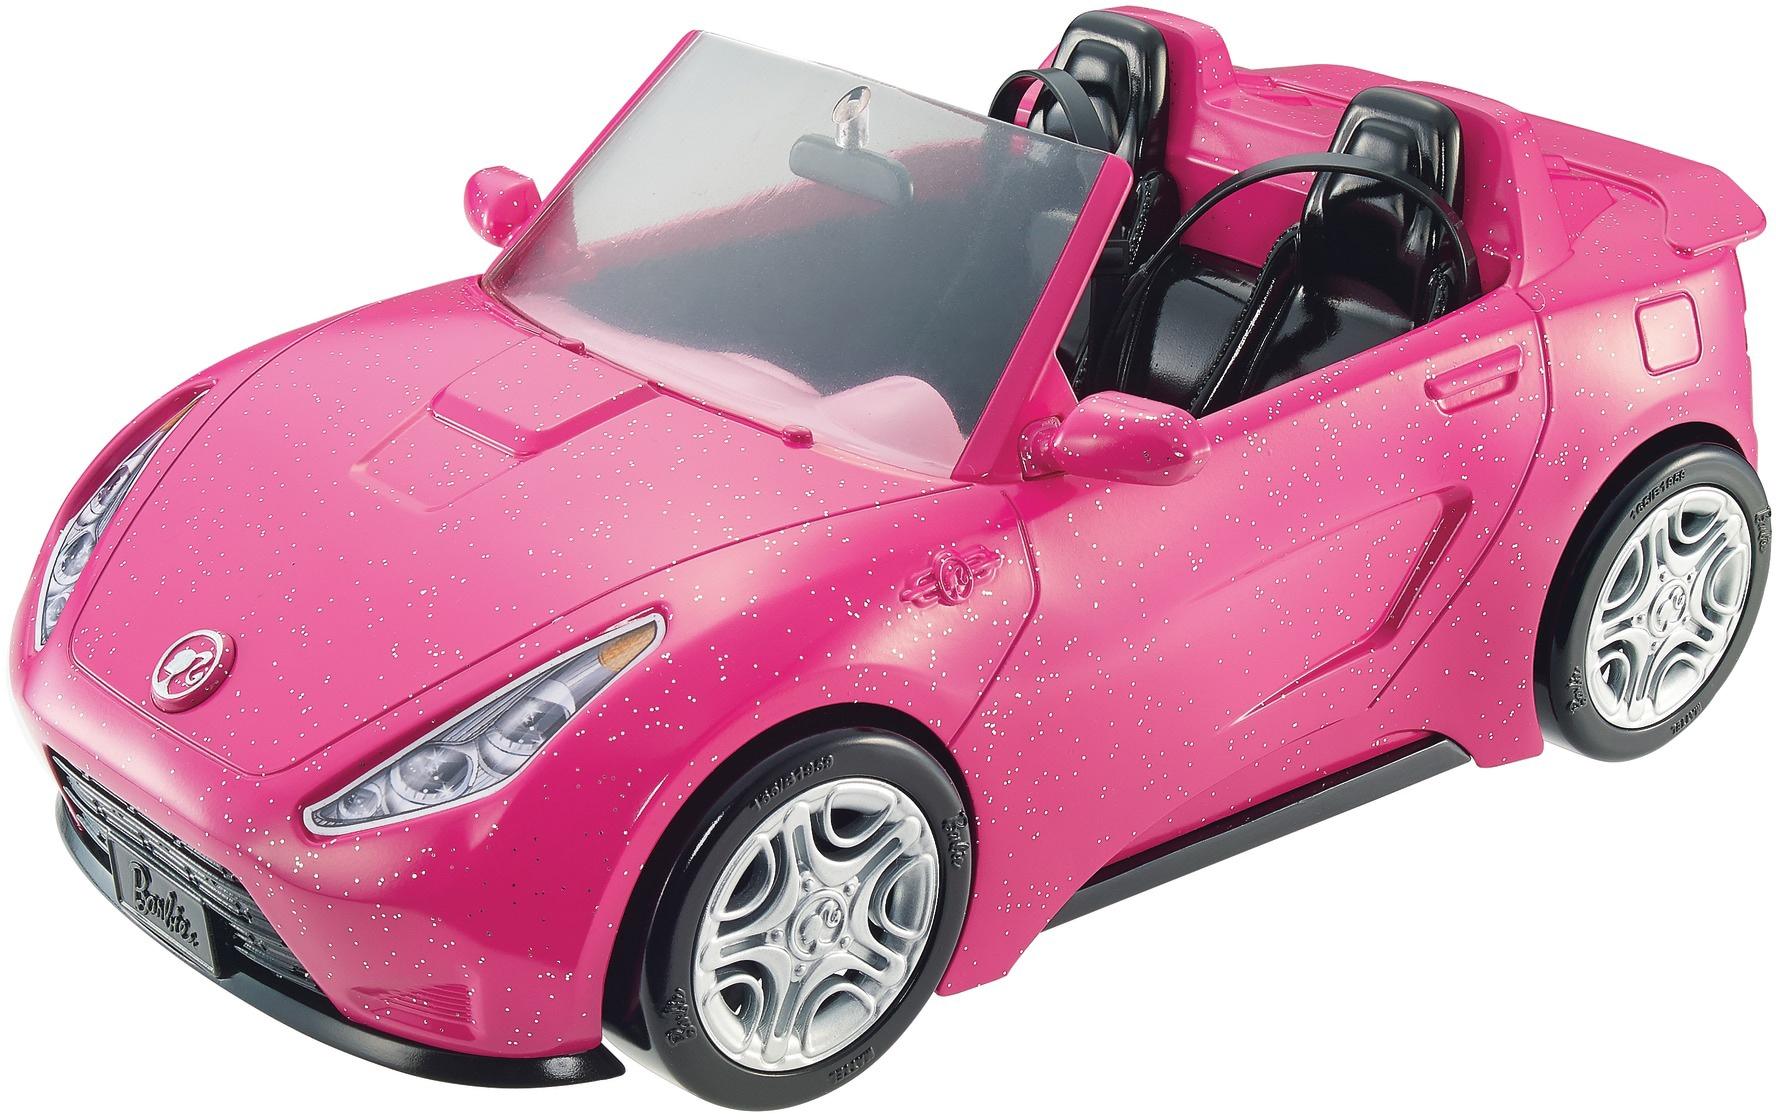 Barbie Spielzeug-Auto Glam Cabrio rosa Kinder Puppenzubehör Puppen